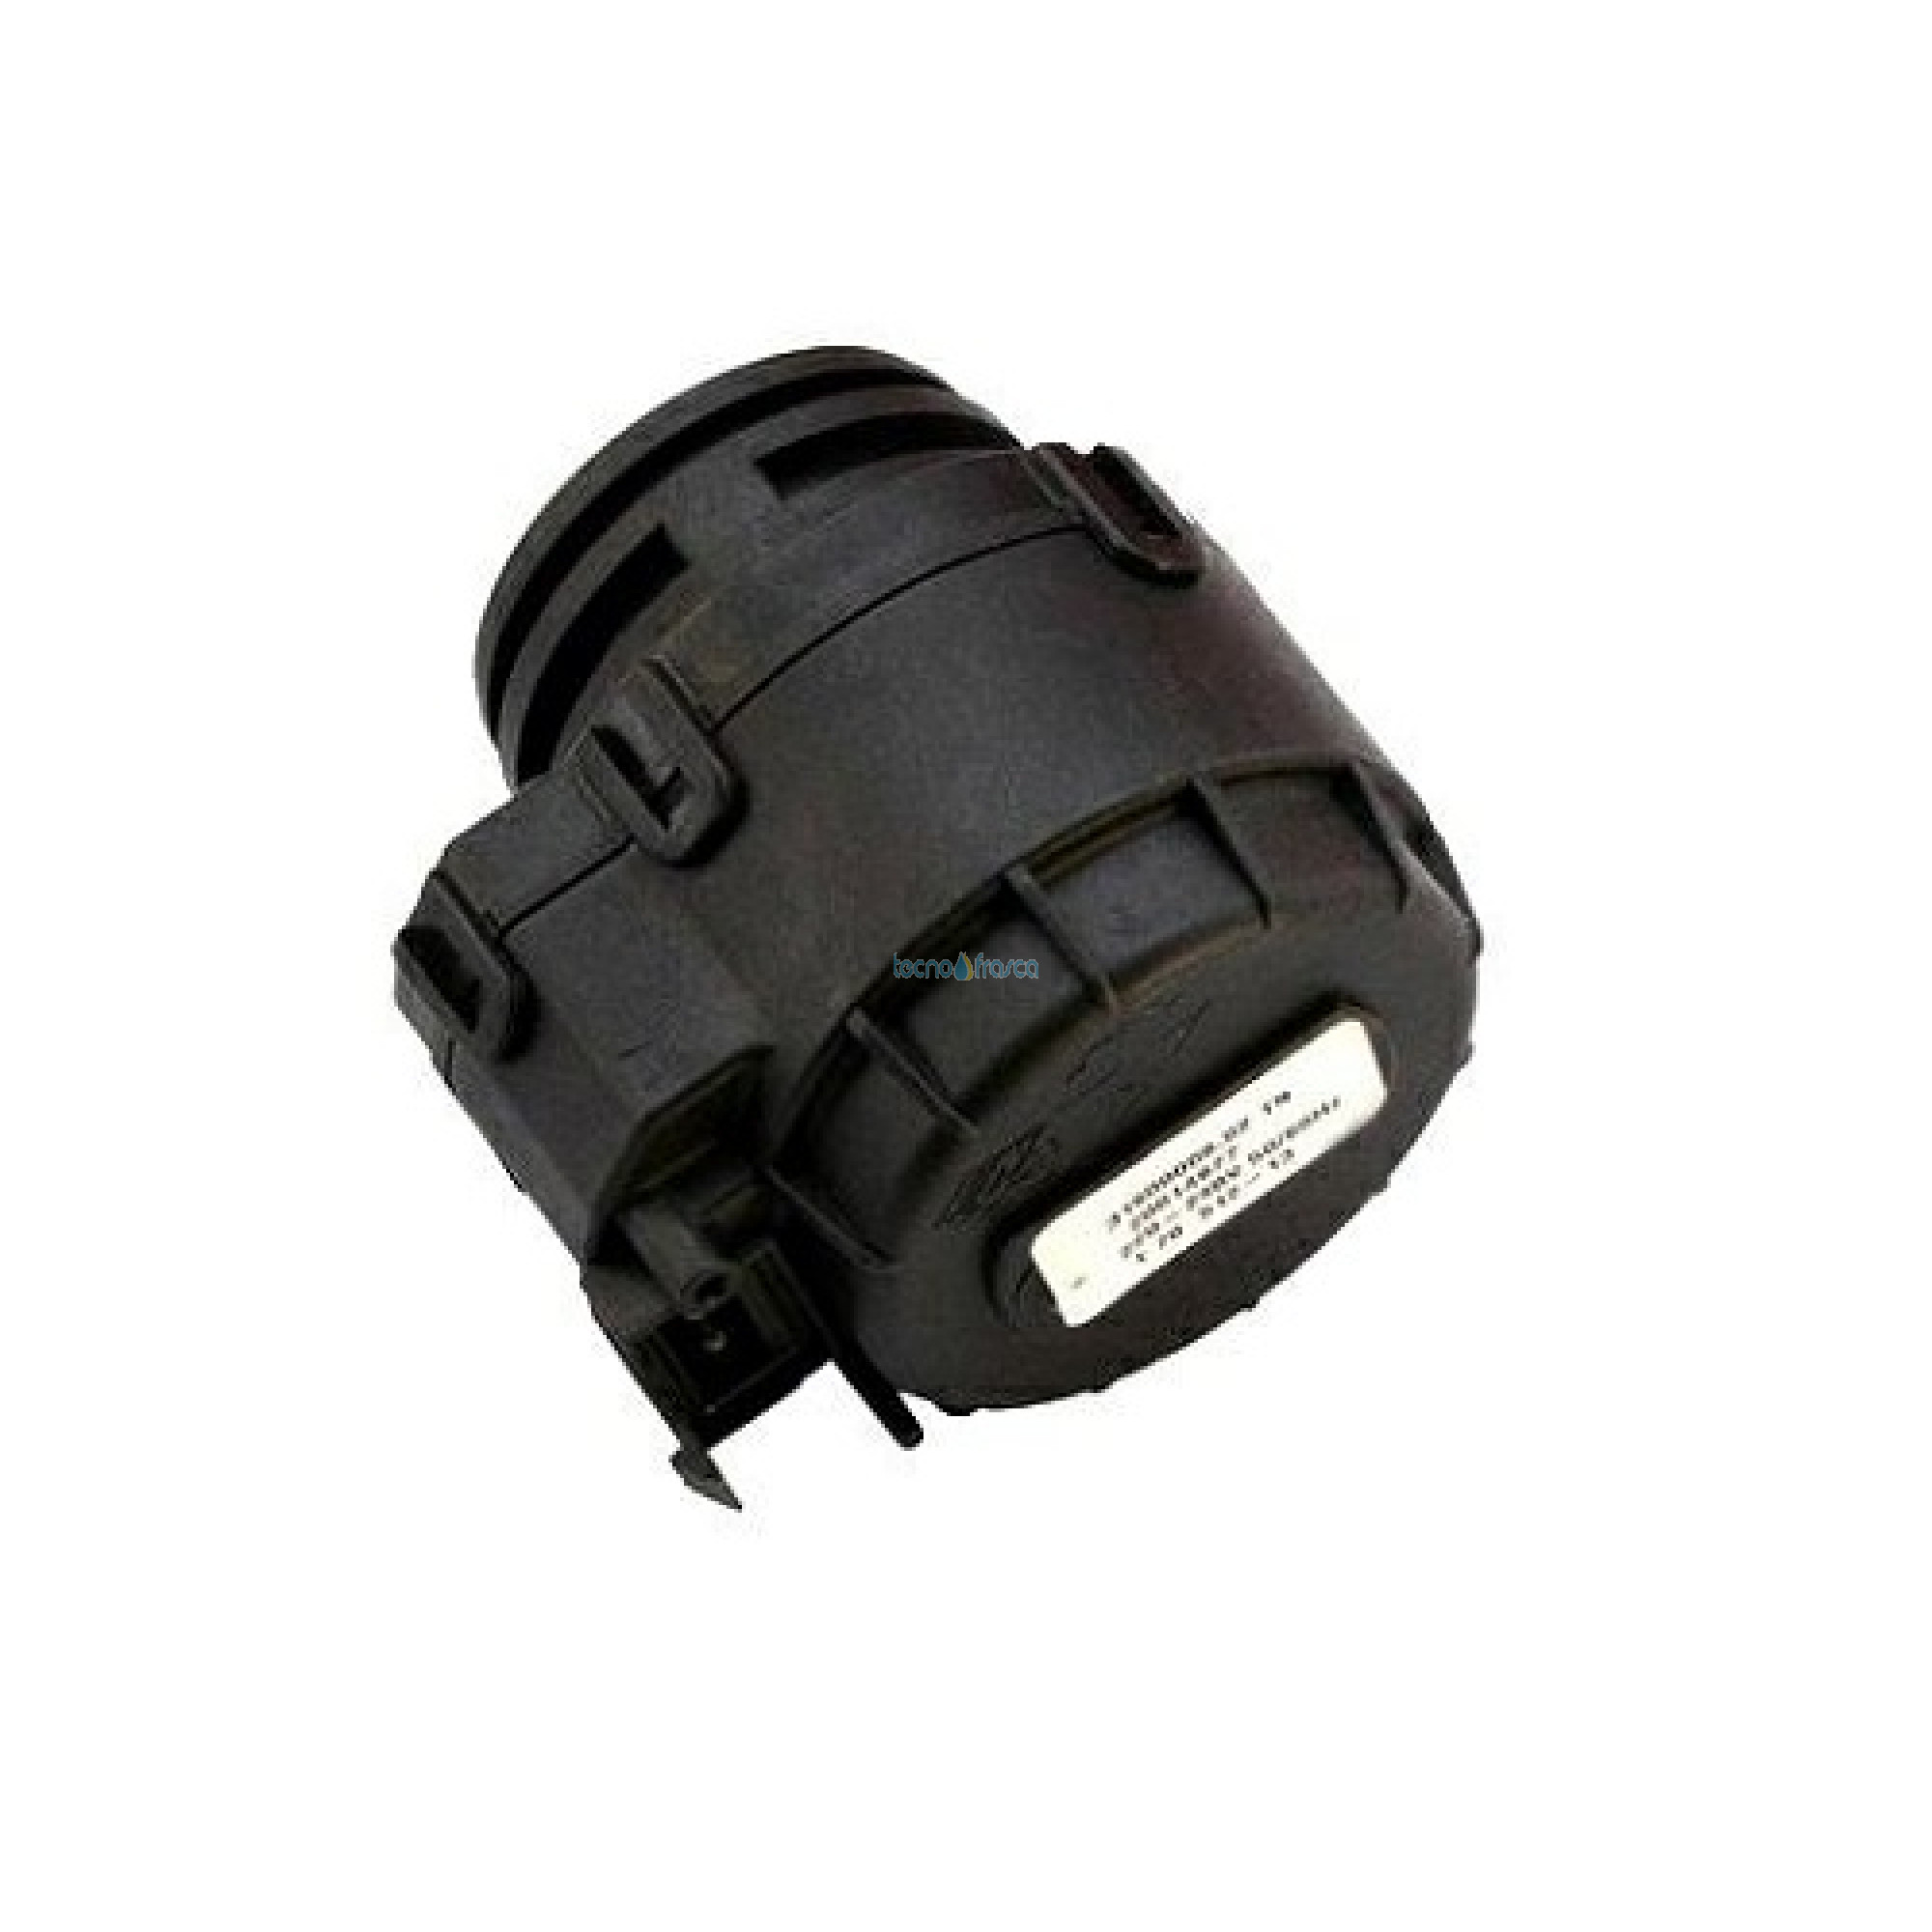 Thermital motore valvola a 3 vie attuatore corolla 20017594